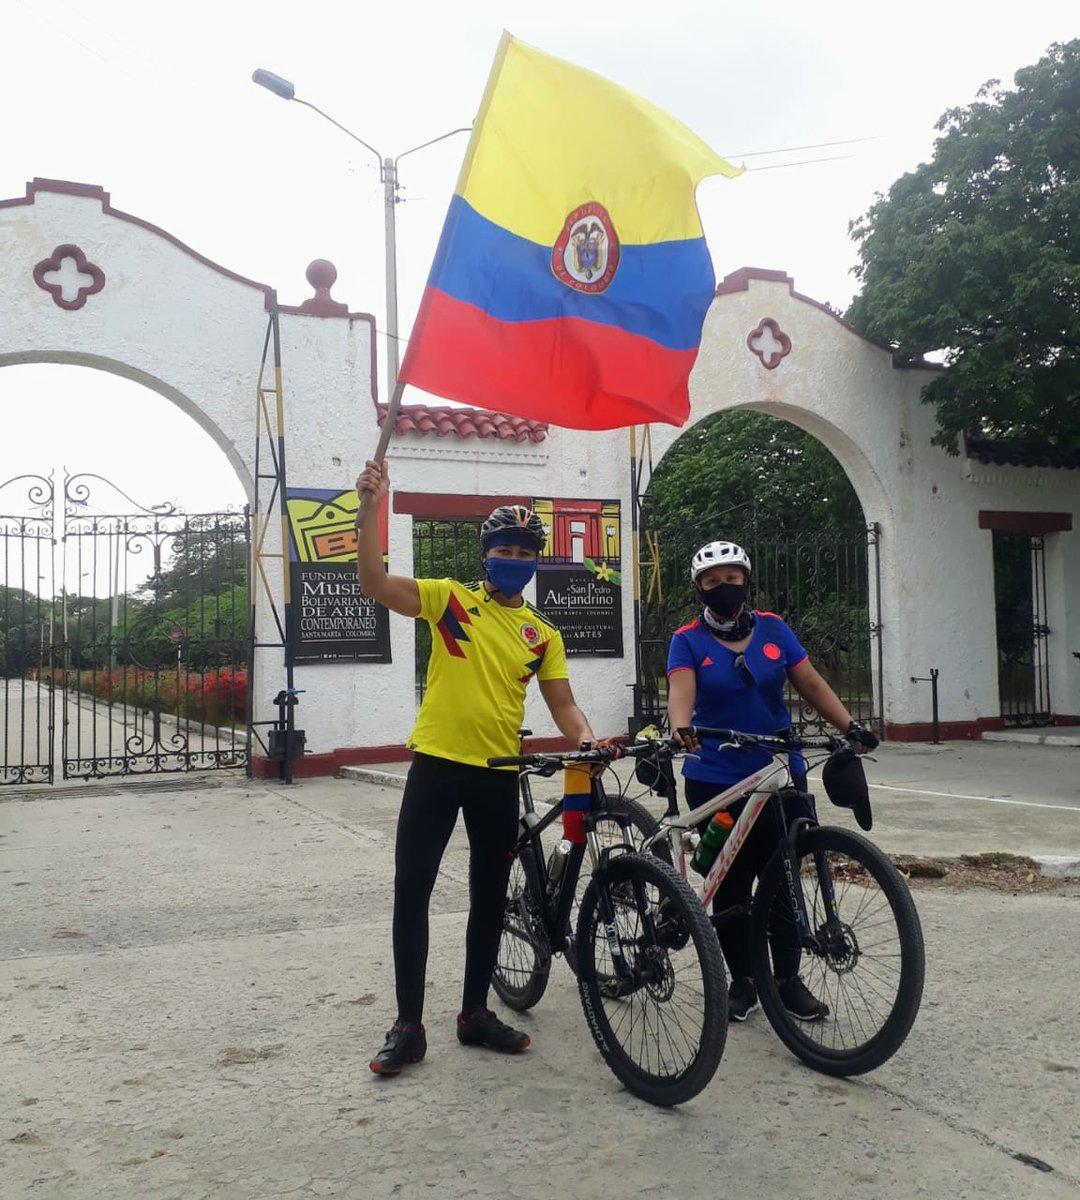 Son pequeñas cosas las que representan que nos sentimos orgullosos de ser Colombianos, la camiseta, la bandera, la bicicleta  y un lugar lleno de historia, la Quinta de San Pedro Alejandrino. #Biciturismo #SantaMarta #VamosColombia♥️ https://t.co/it9xo1B92F